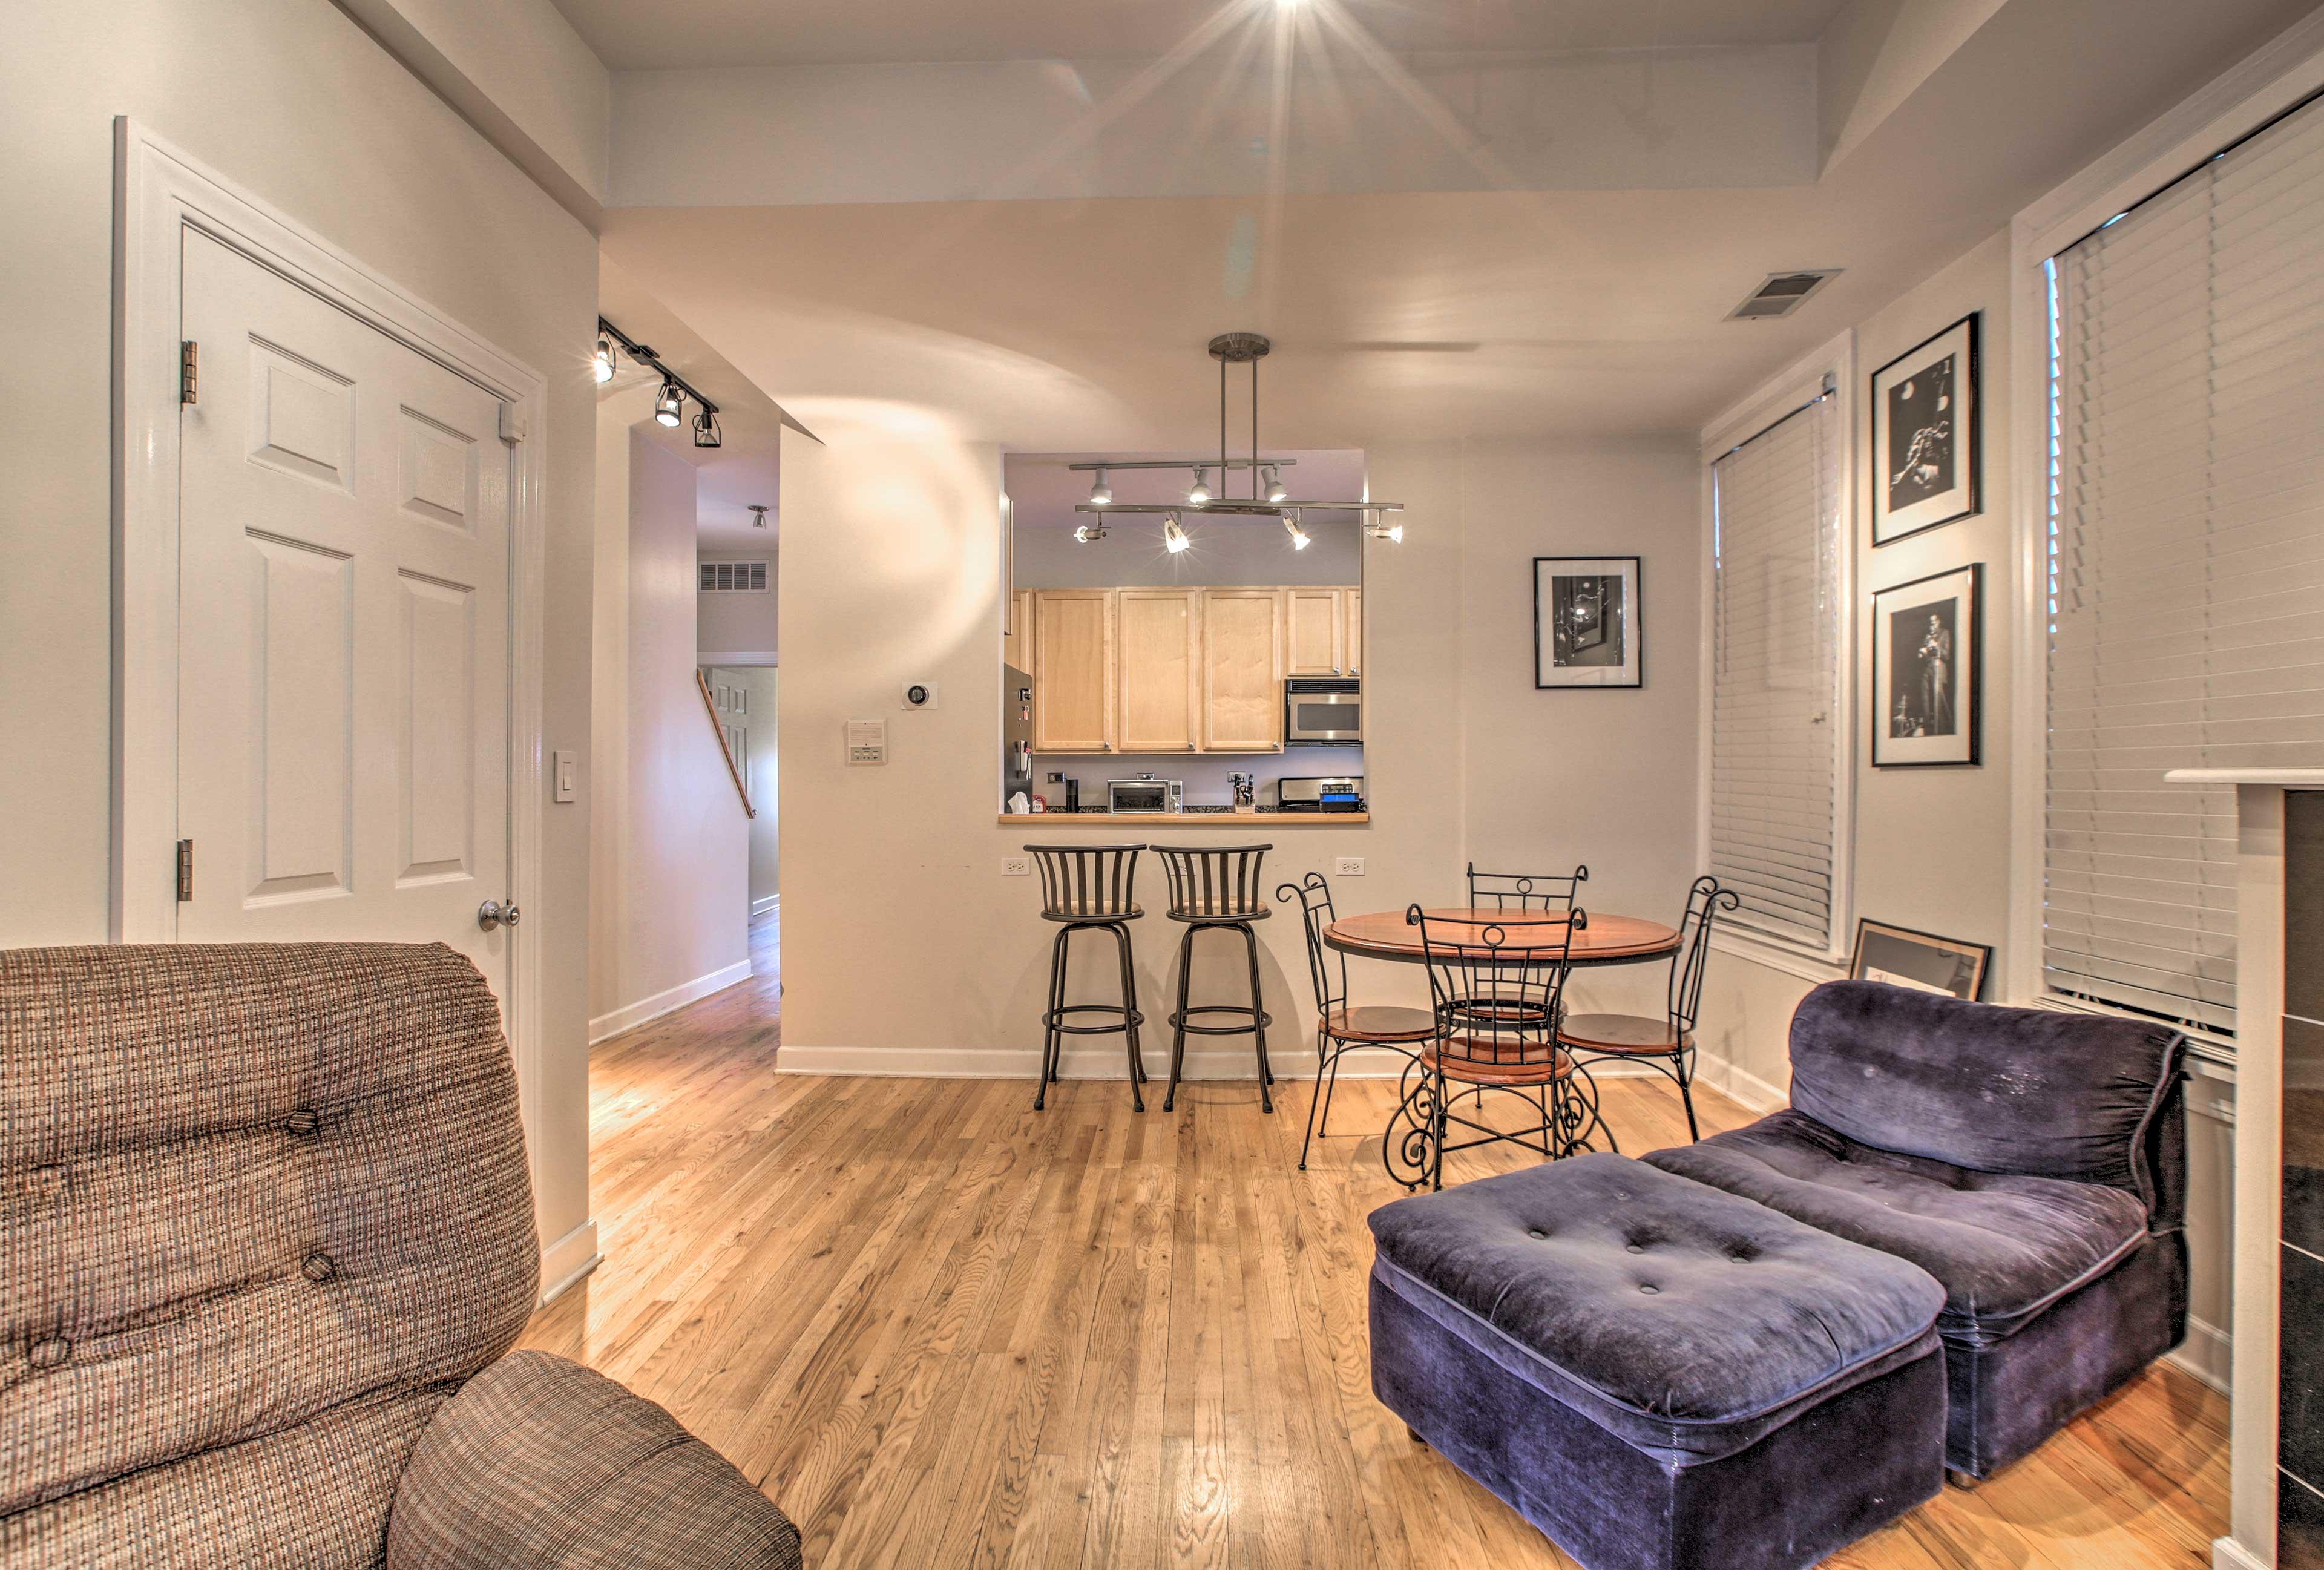 Sleek hardwood floors span the 2,000 square feet of space.